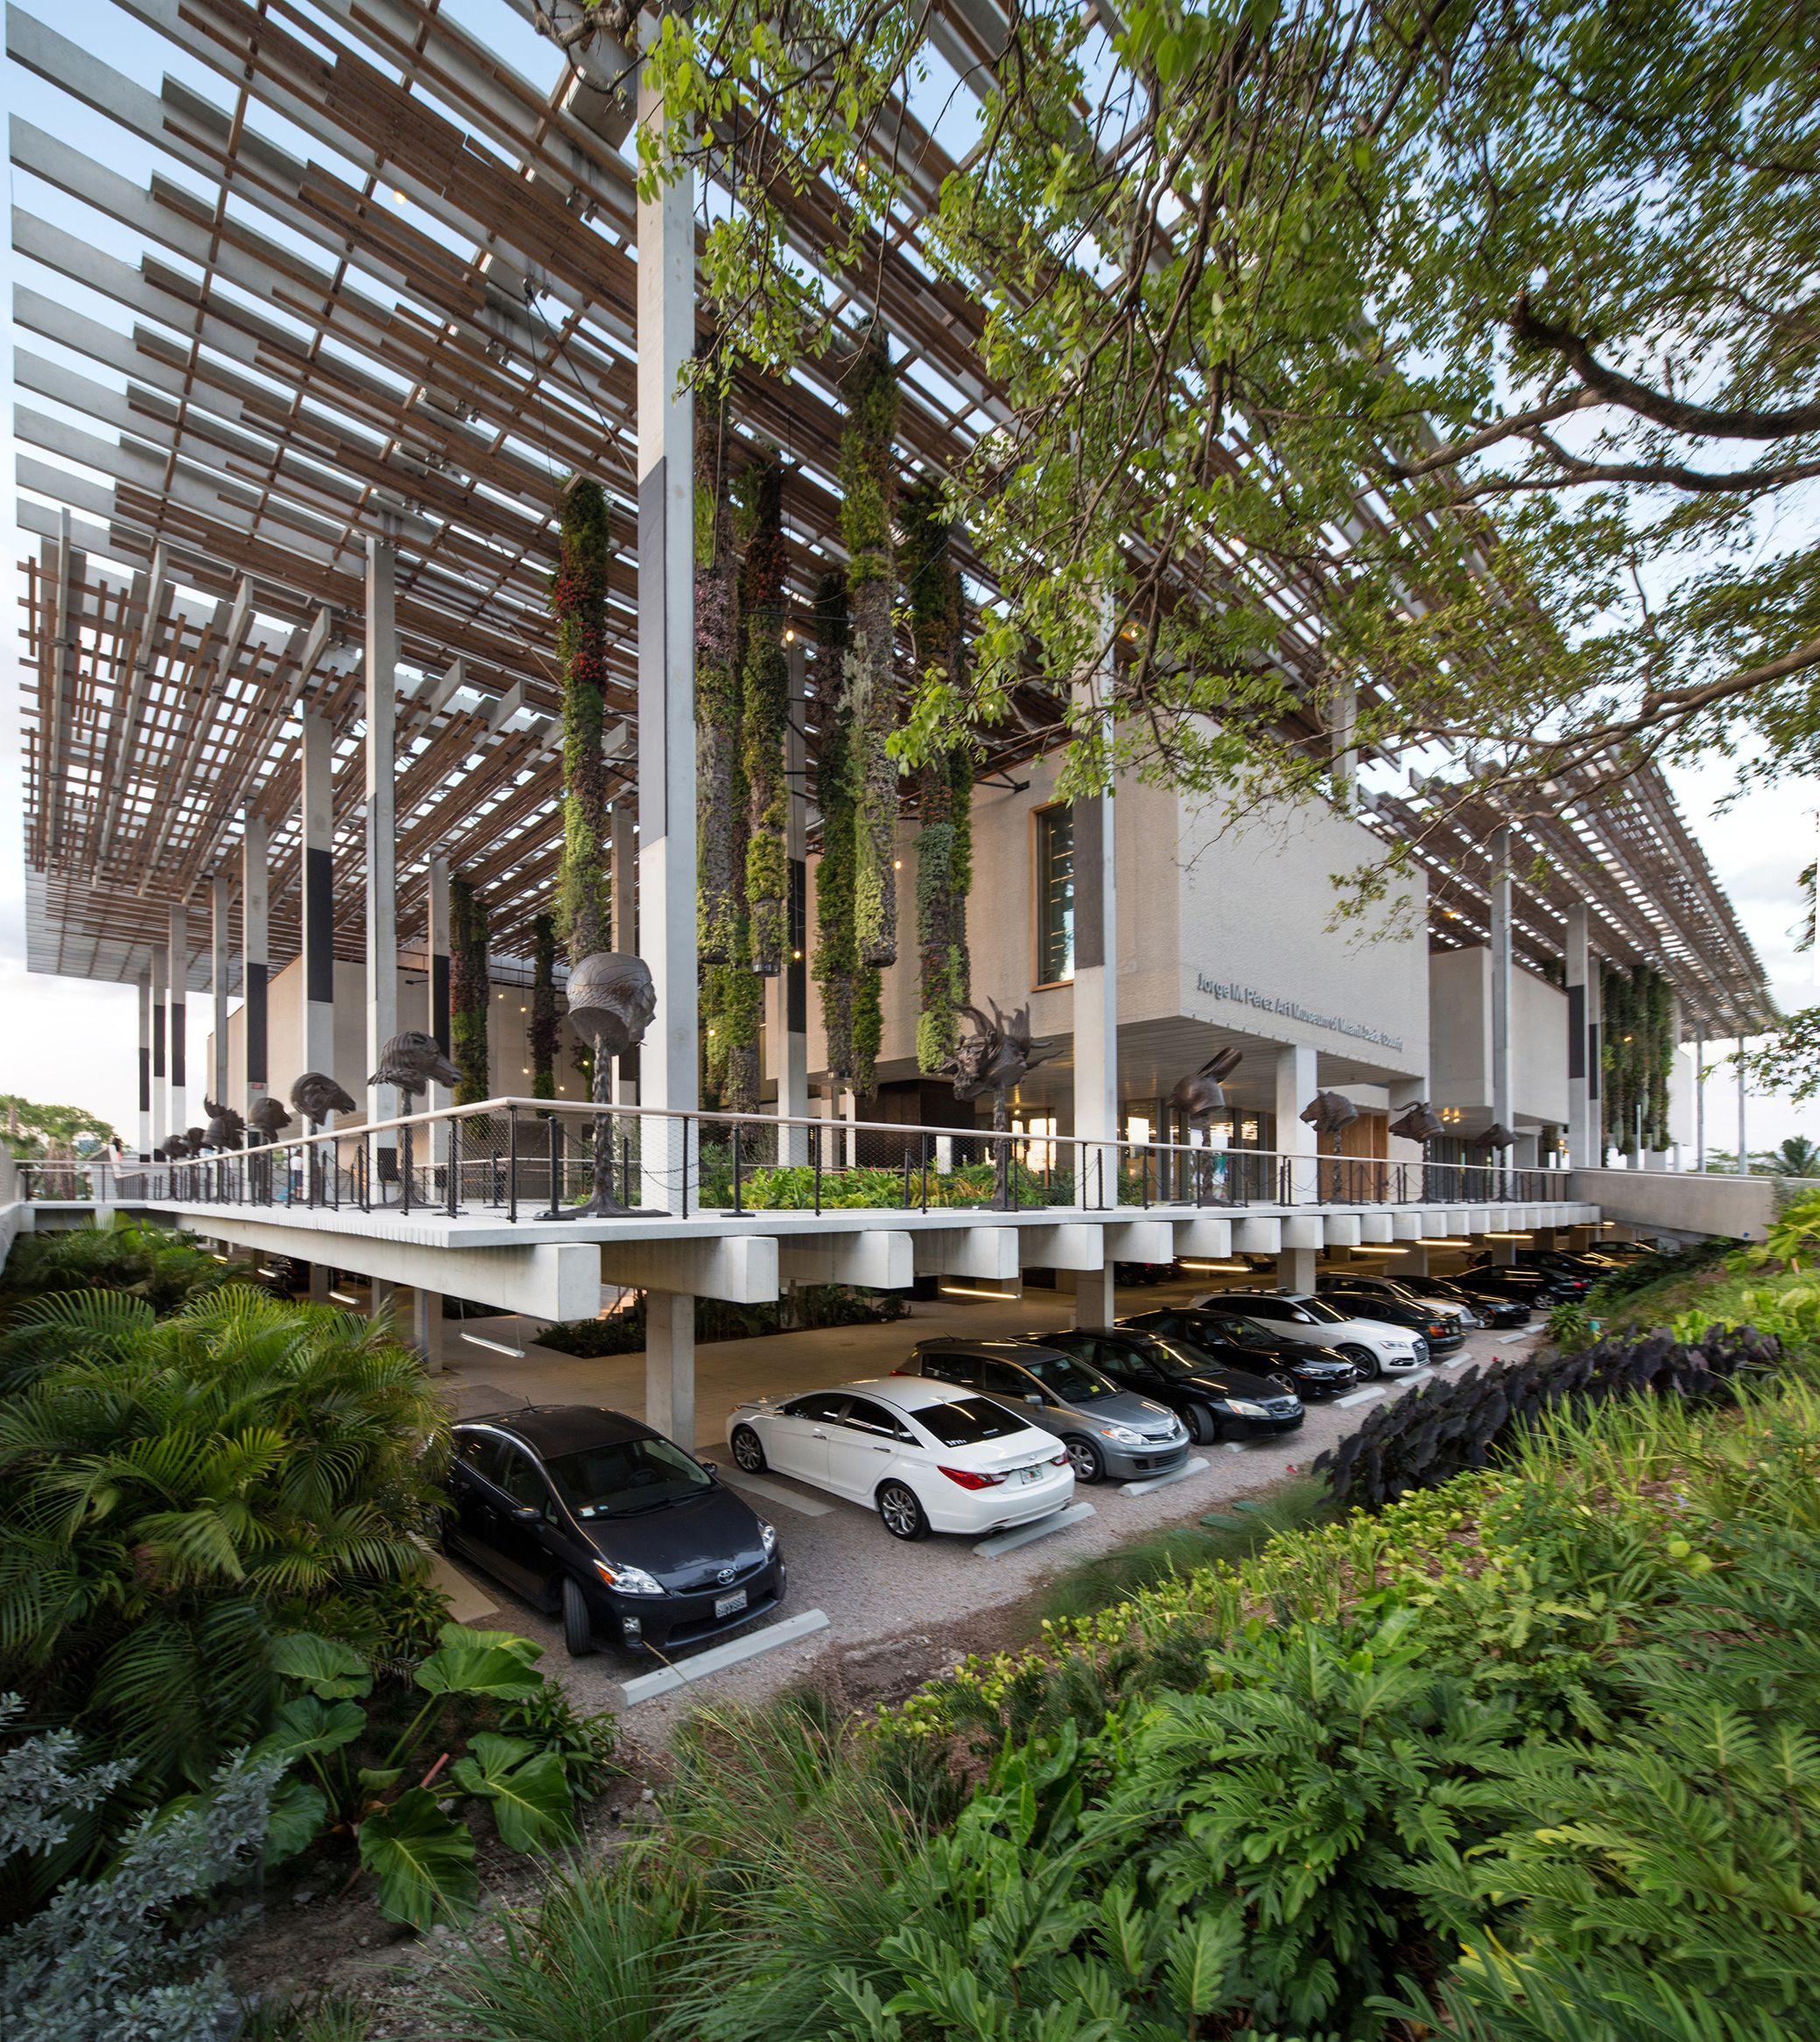 Perez art museum miami arquitectonica geo park parking for Landscape design miami